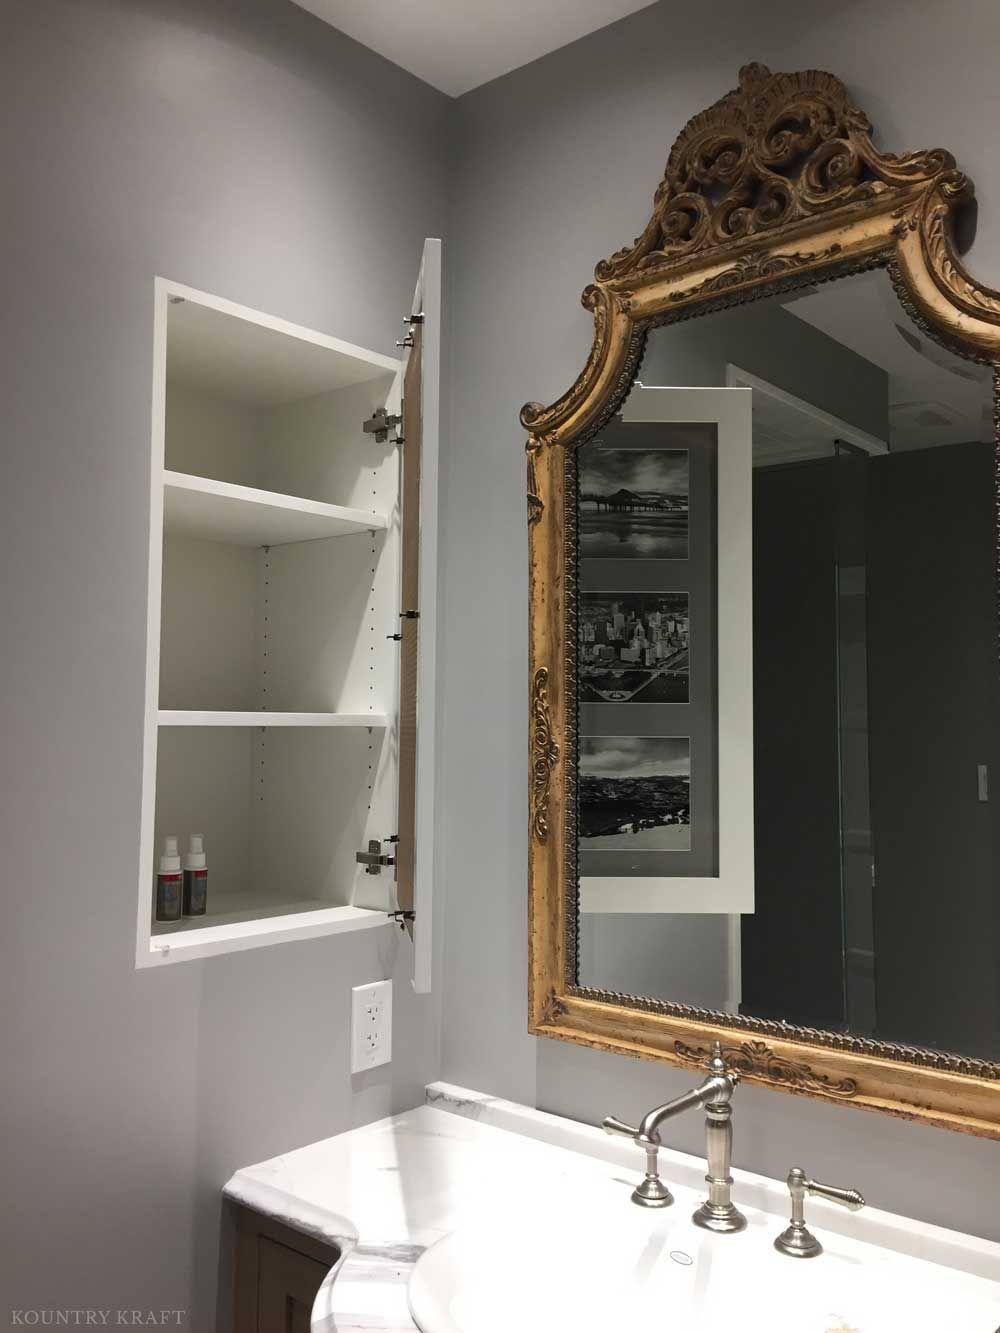 custom bathroom vanity cabinets in pittsburgh on custom bathroom vanity plans id=31964